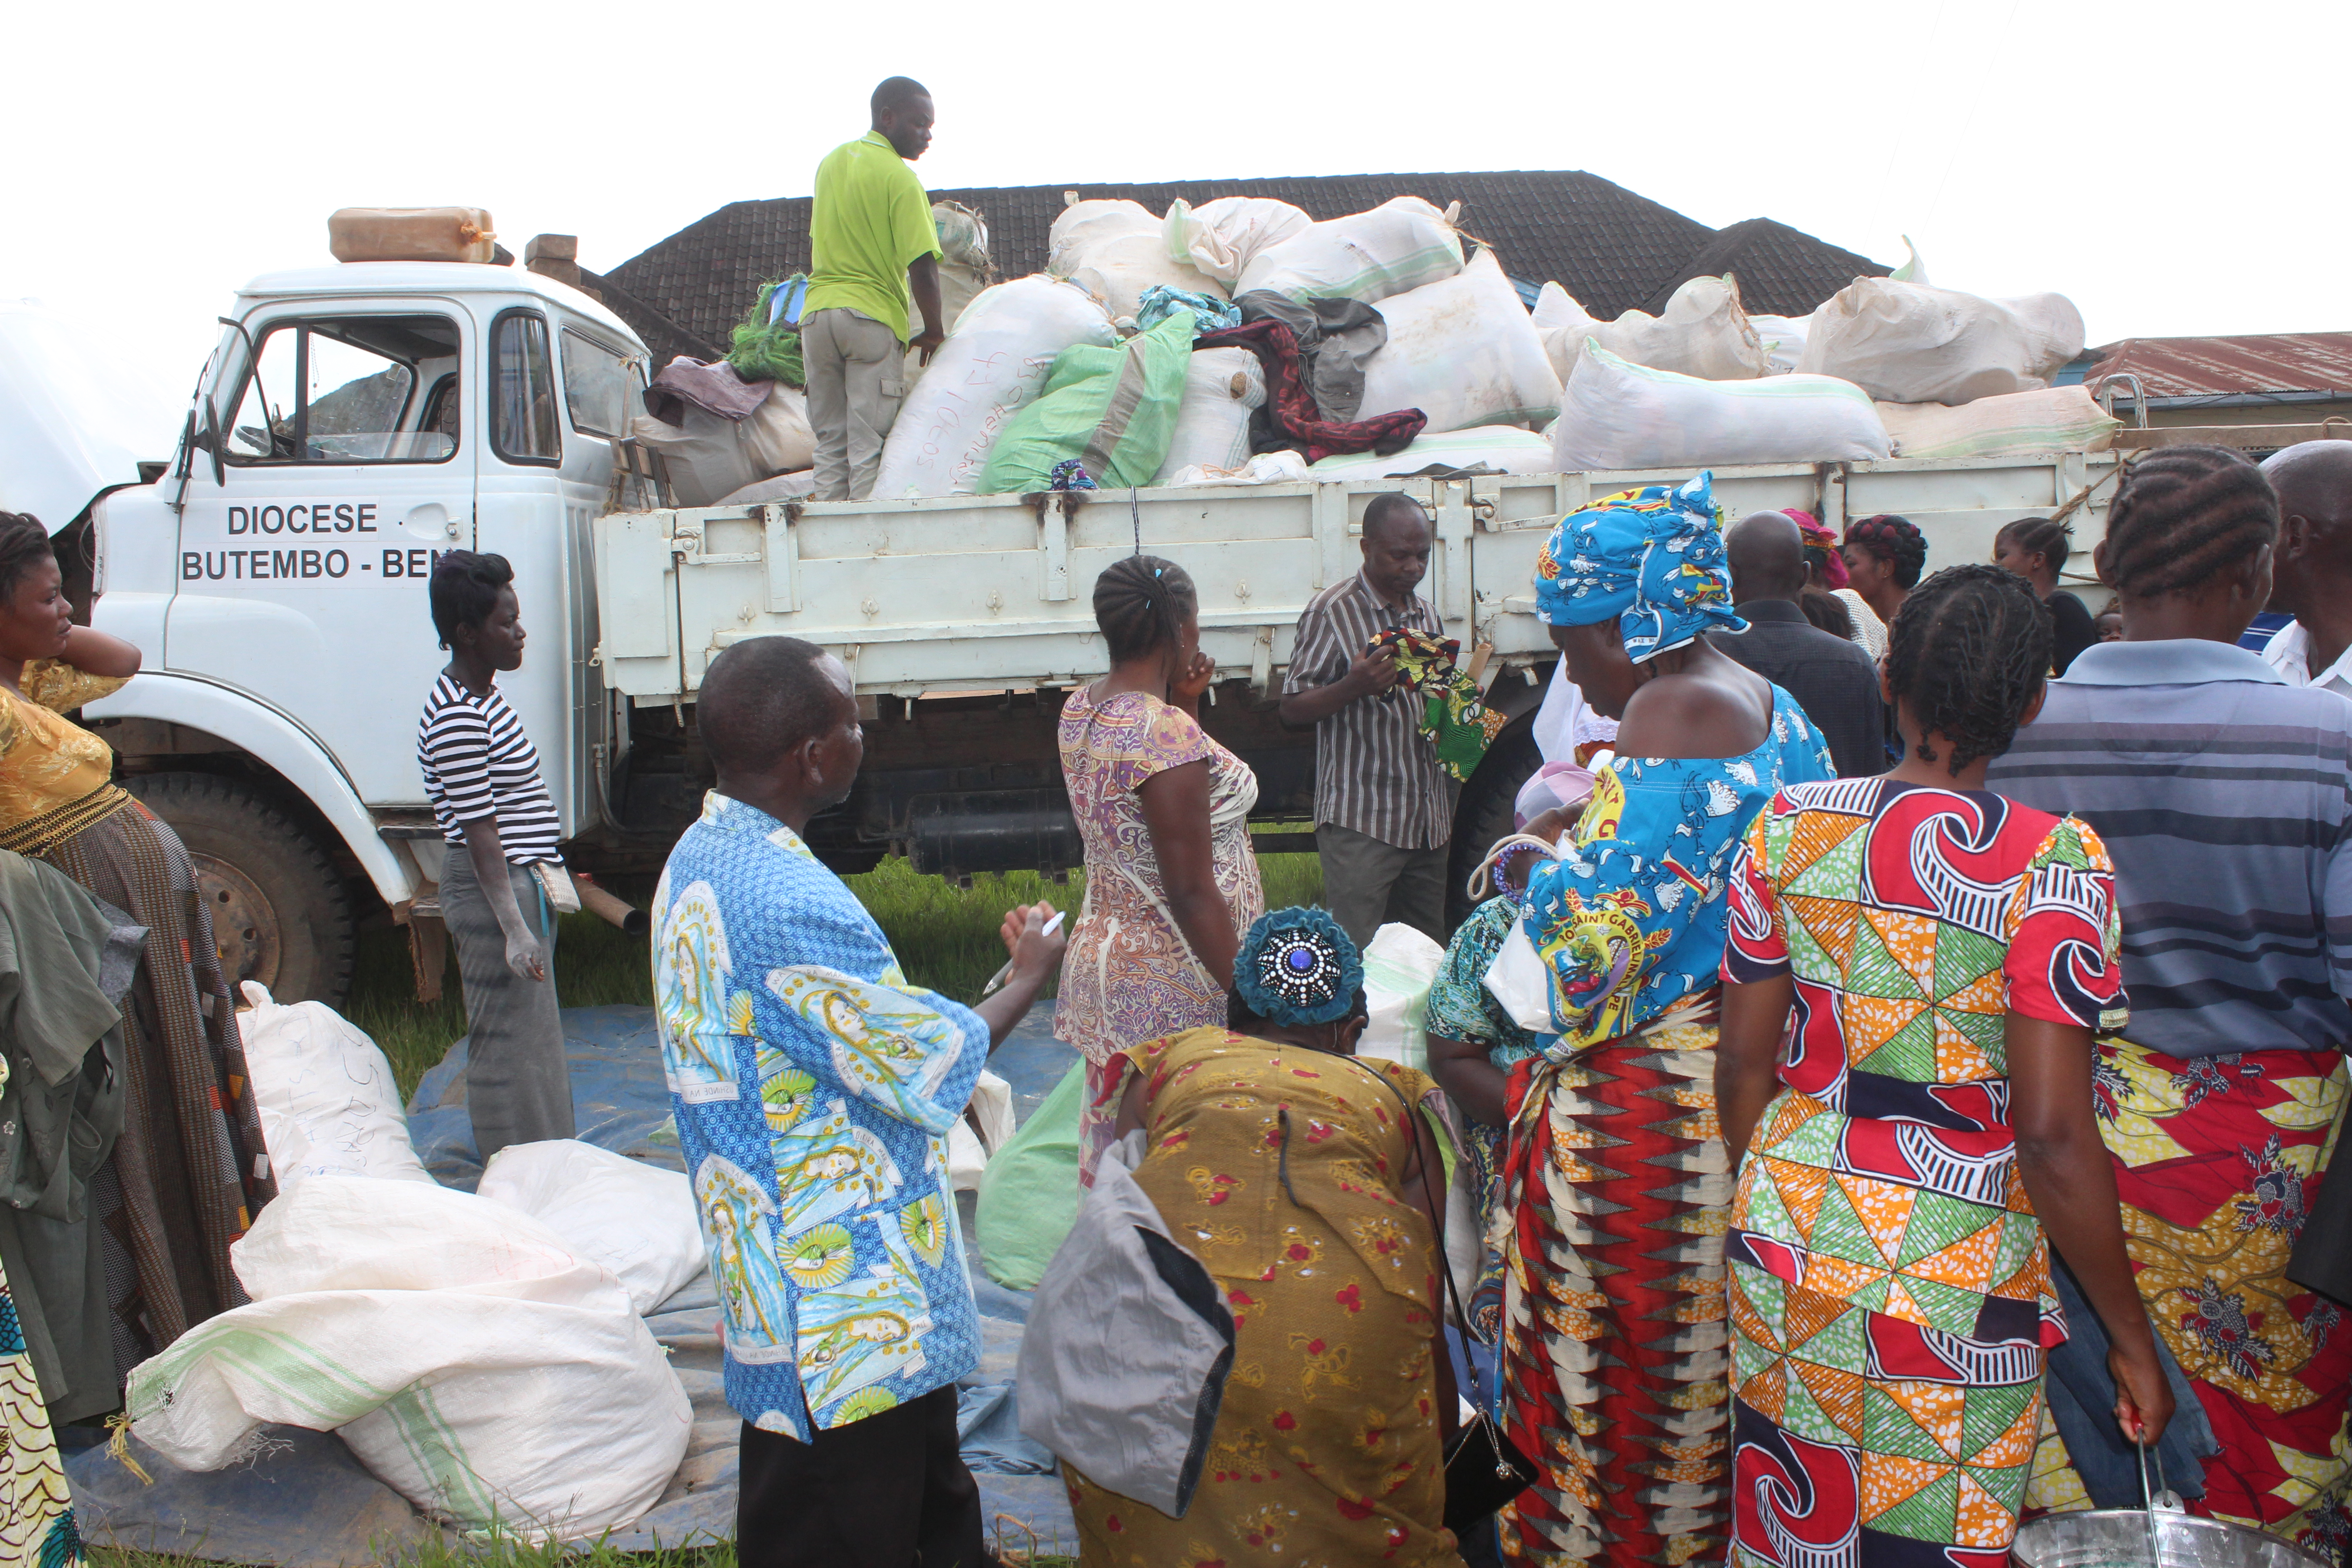 República Democrática del Congo: Estamos sufriendo un calvario desde hace años